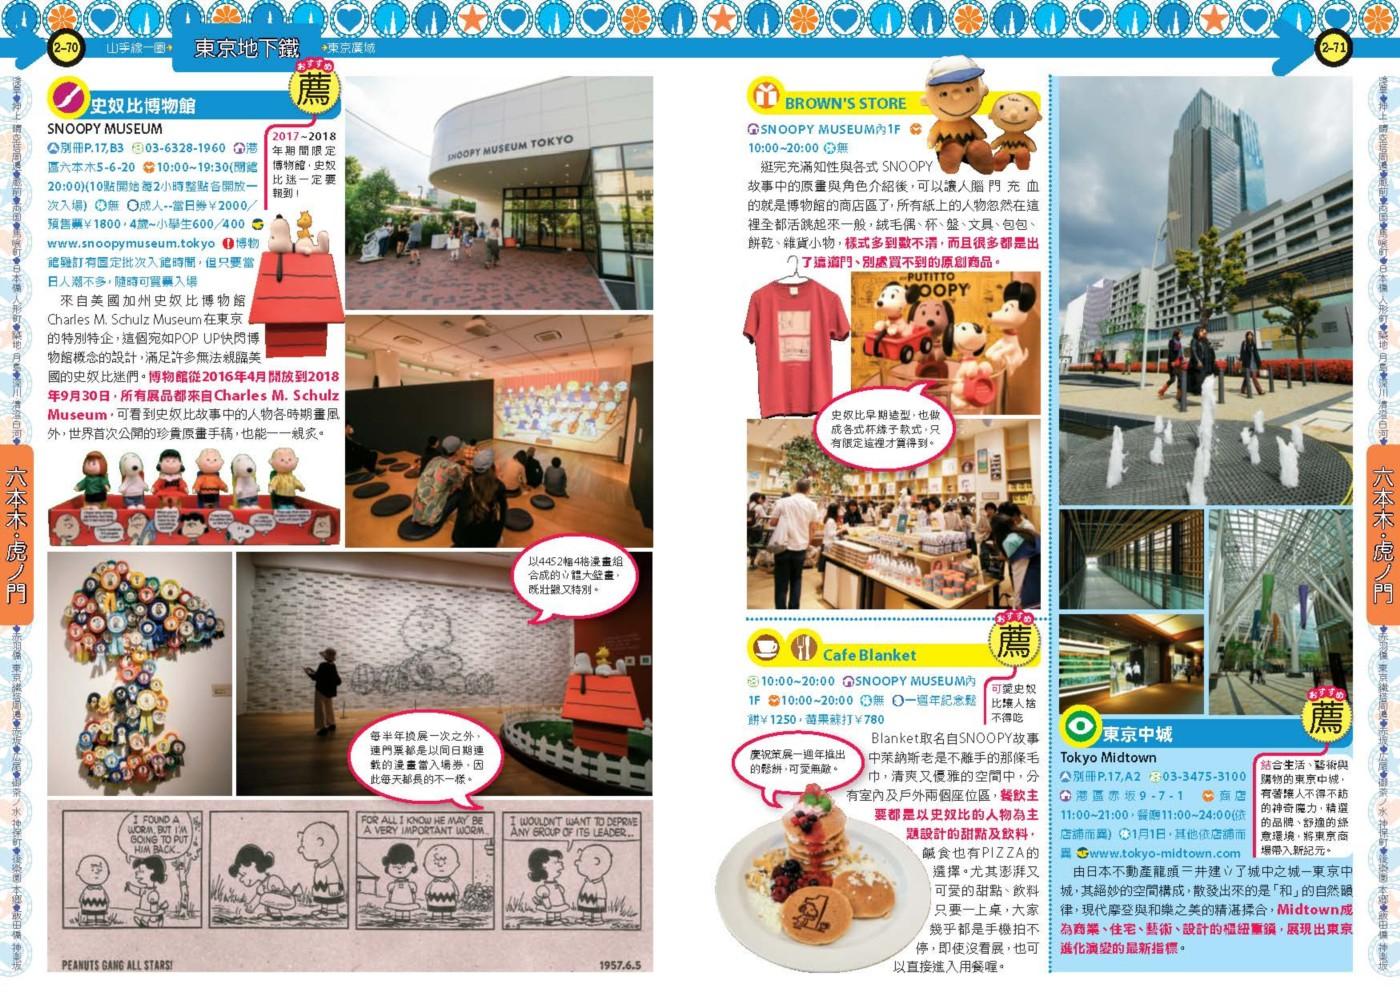 《東京攻略完全制霸2017~2018》 商品條碼,ISBN:9789862893548